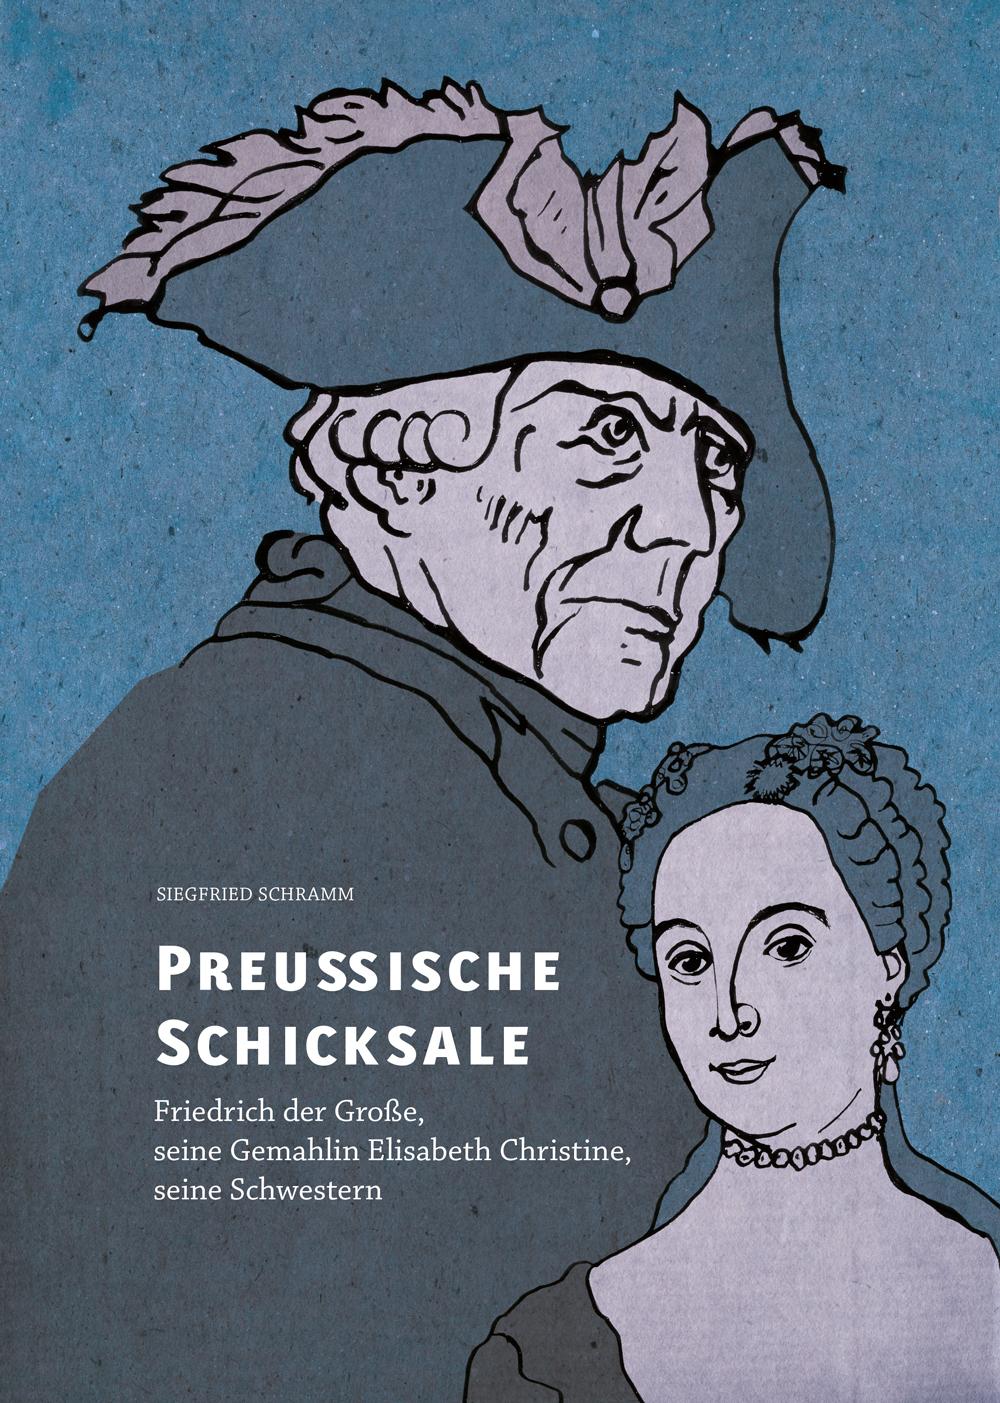 Ieva-Kunga_Preussische-Schicksale_Broschure_2012